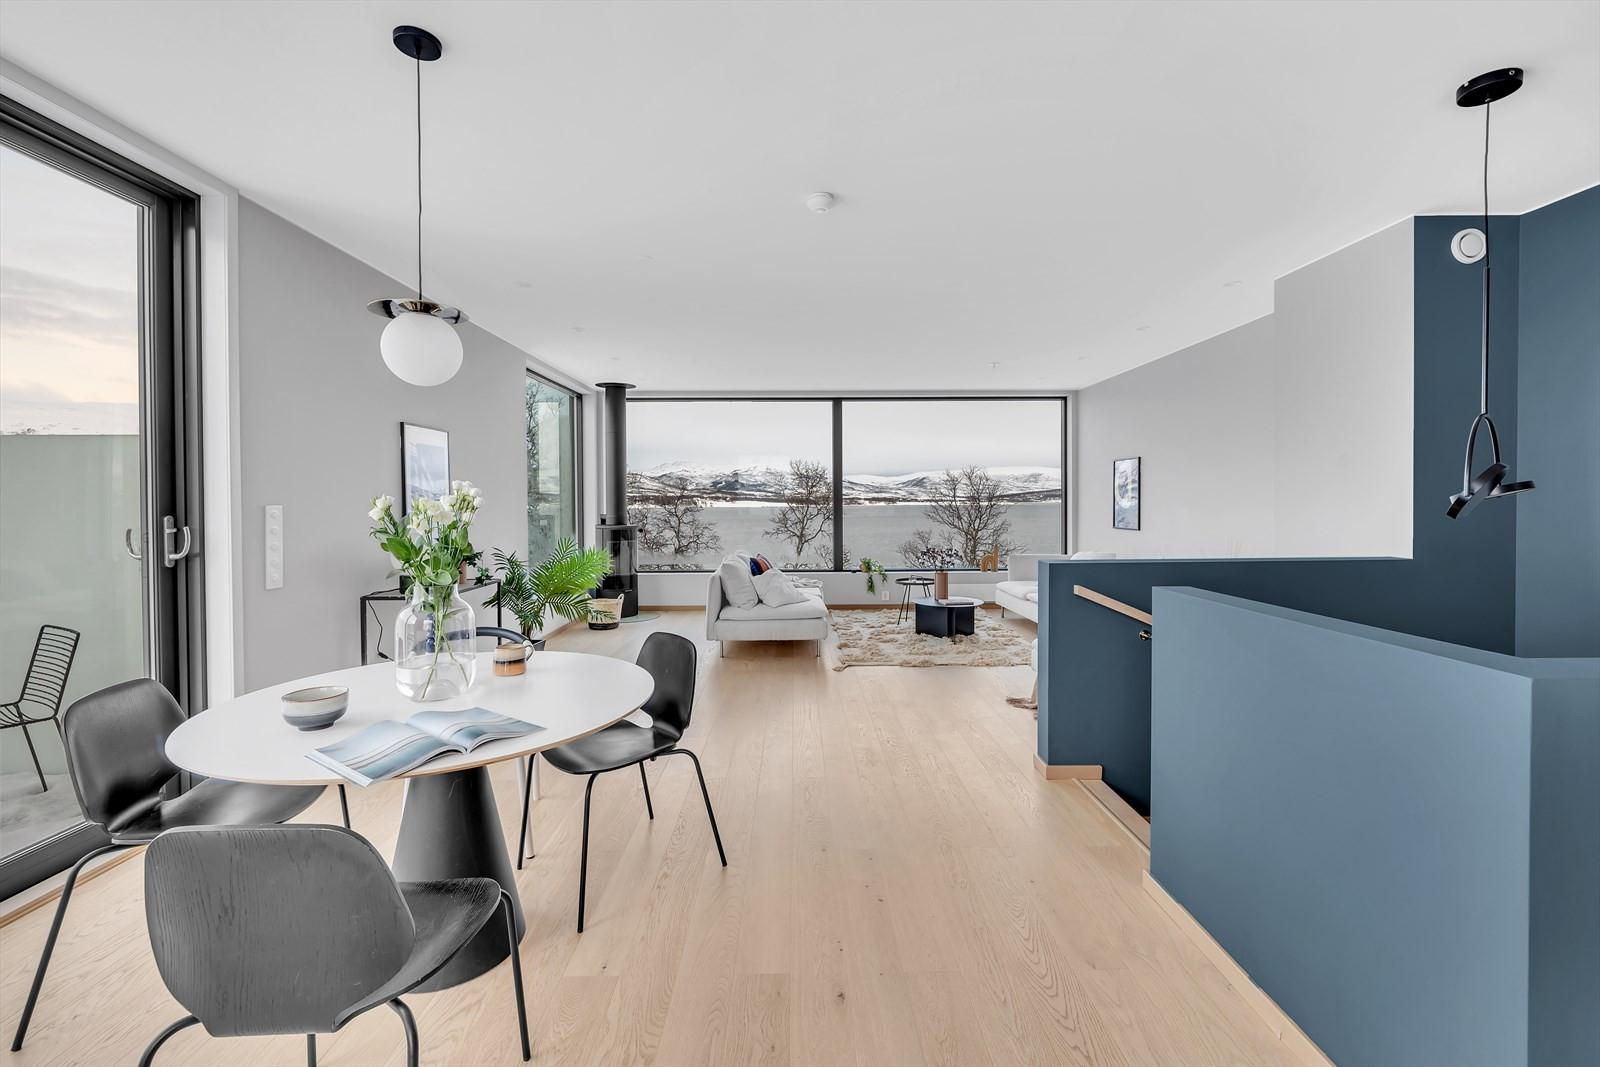 Bilde fra kjøkkenet mot stuen. Dør til terrassen til venstre i bildet.